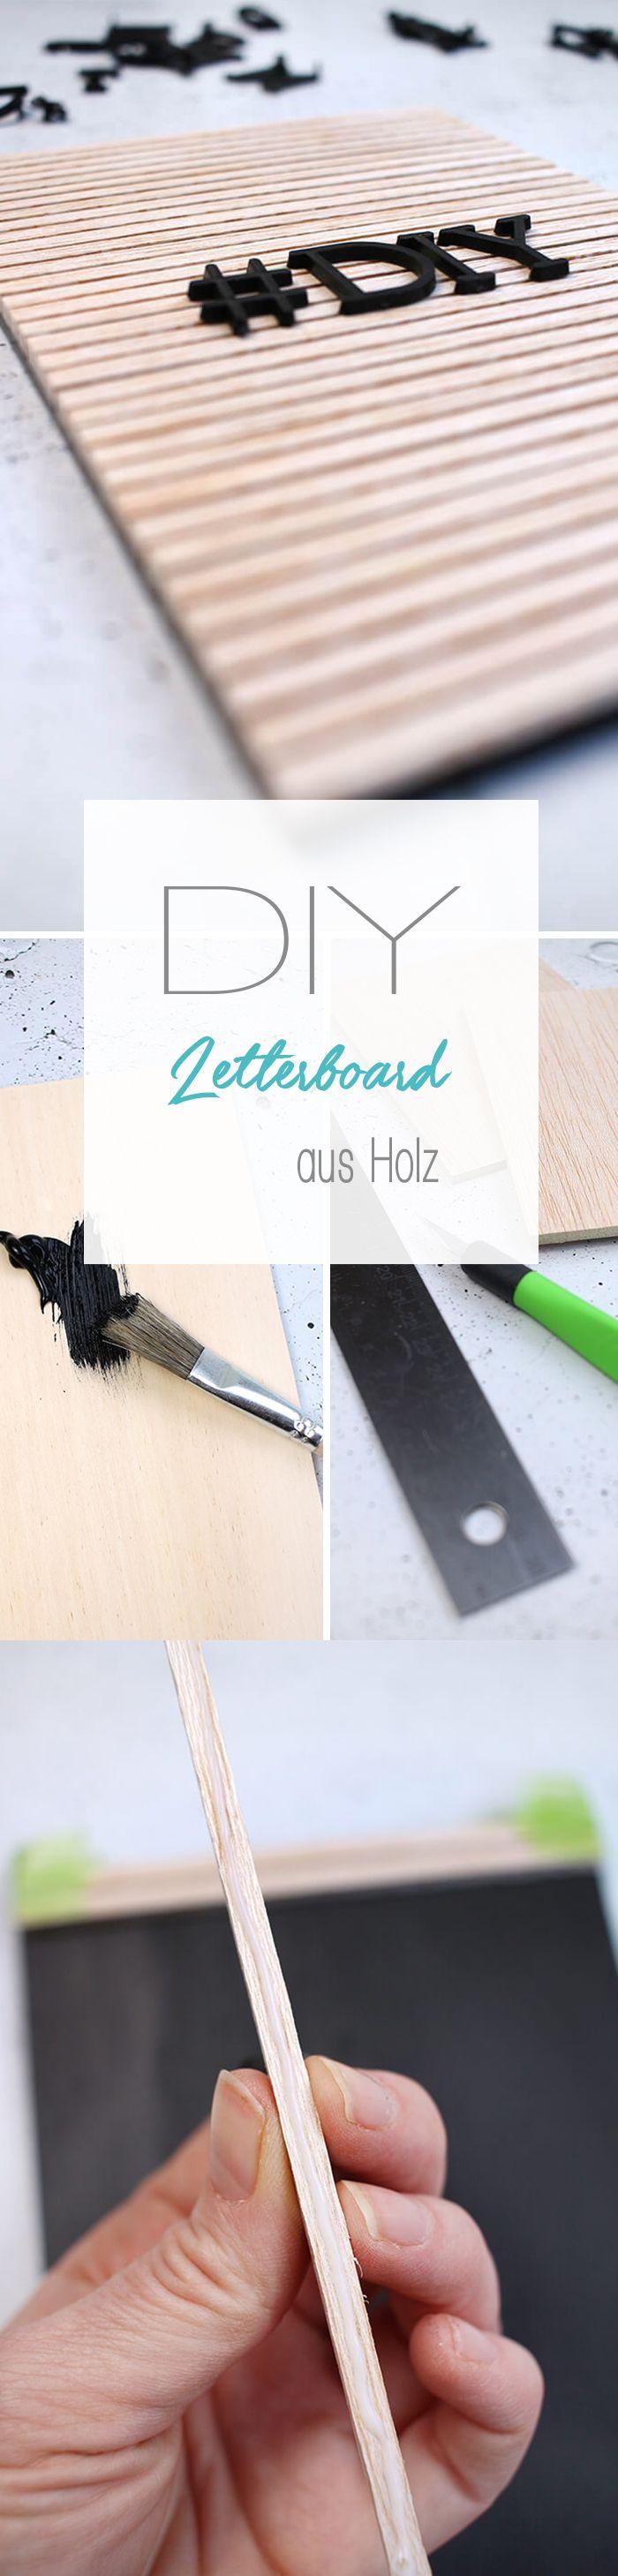 Dani vom DIY Blog Gingered Things zeigt dir wie du aus Holz ganz einfach ein cooles Letterboard im skandinavischen Look selbst basteln kannst. Auch prima als Geschek mit individuellen Sprüchen.